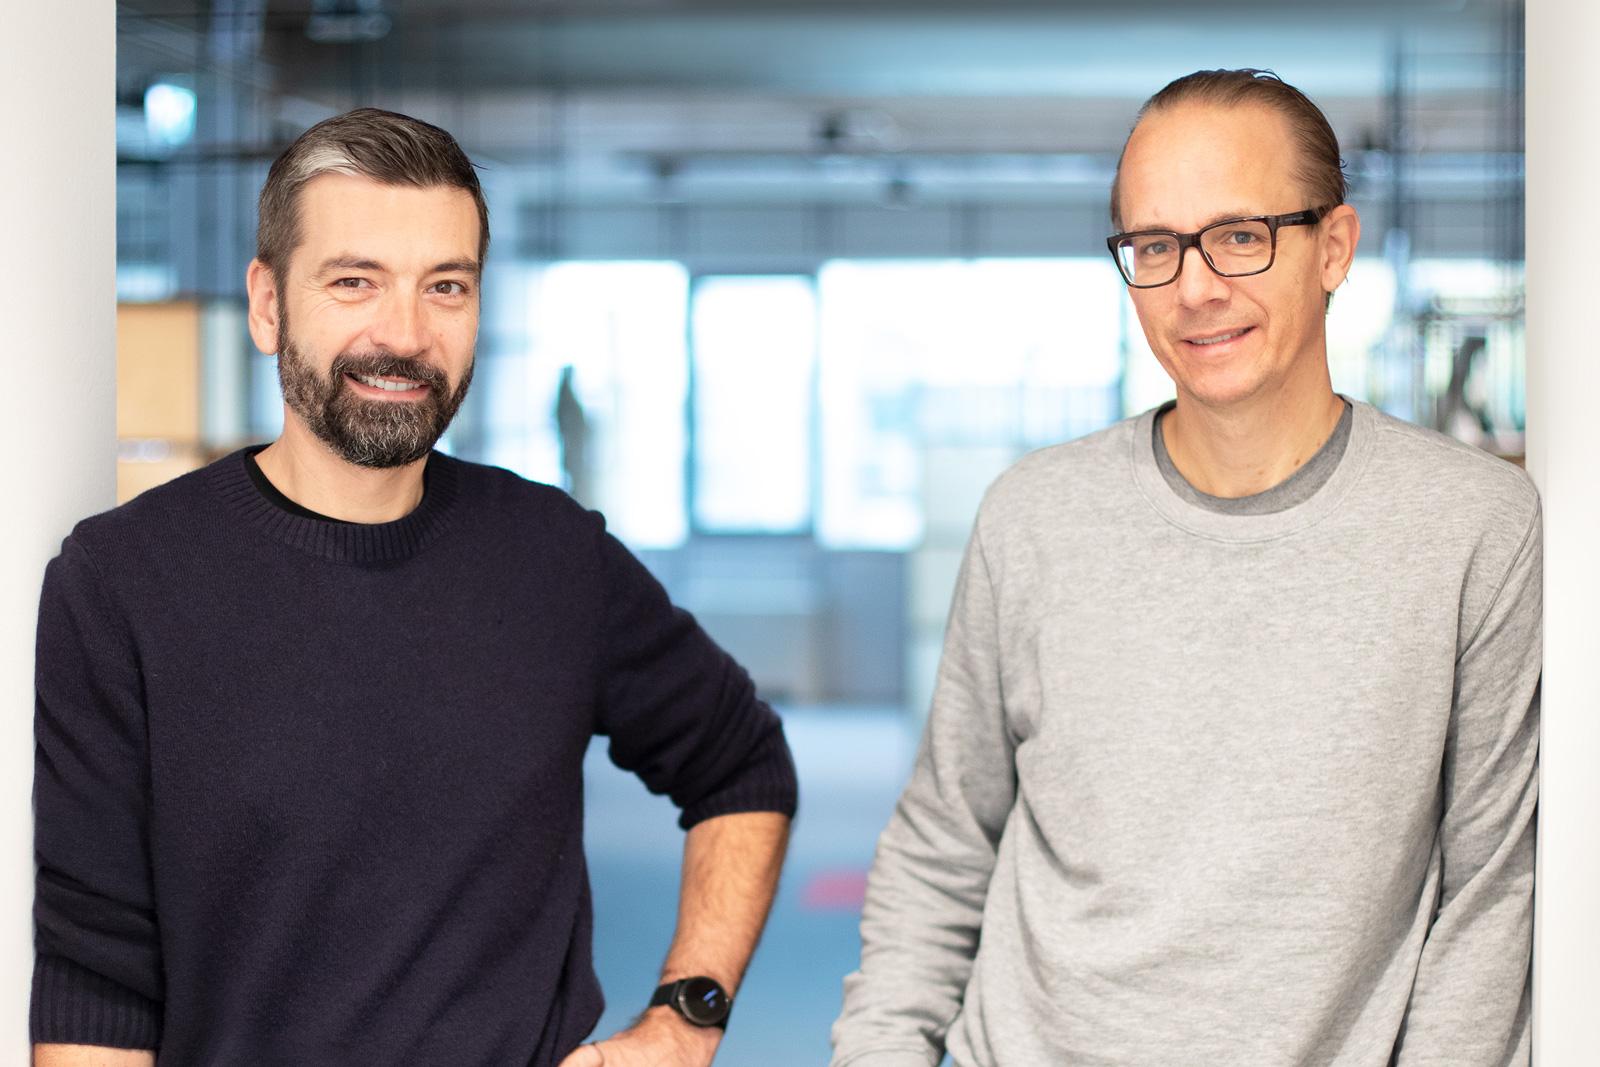 Woom-Gründer Christian Bezdeka und Marcus Ihlenfeld